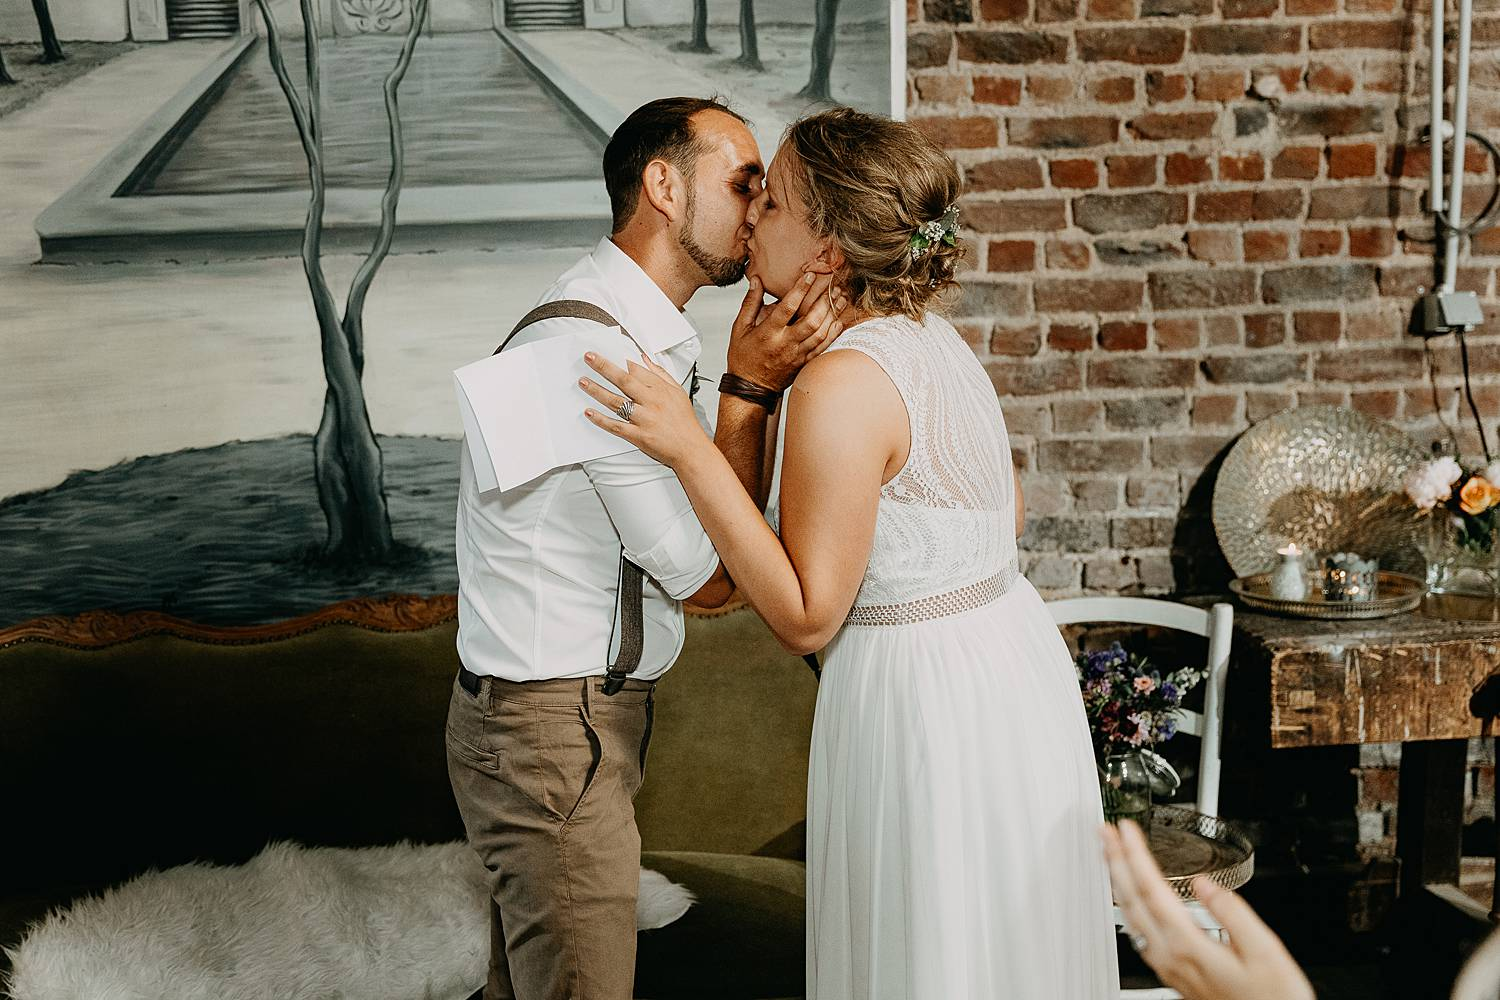 bruidspaar kust binnenceremonie